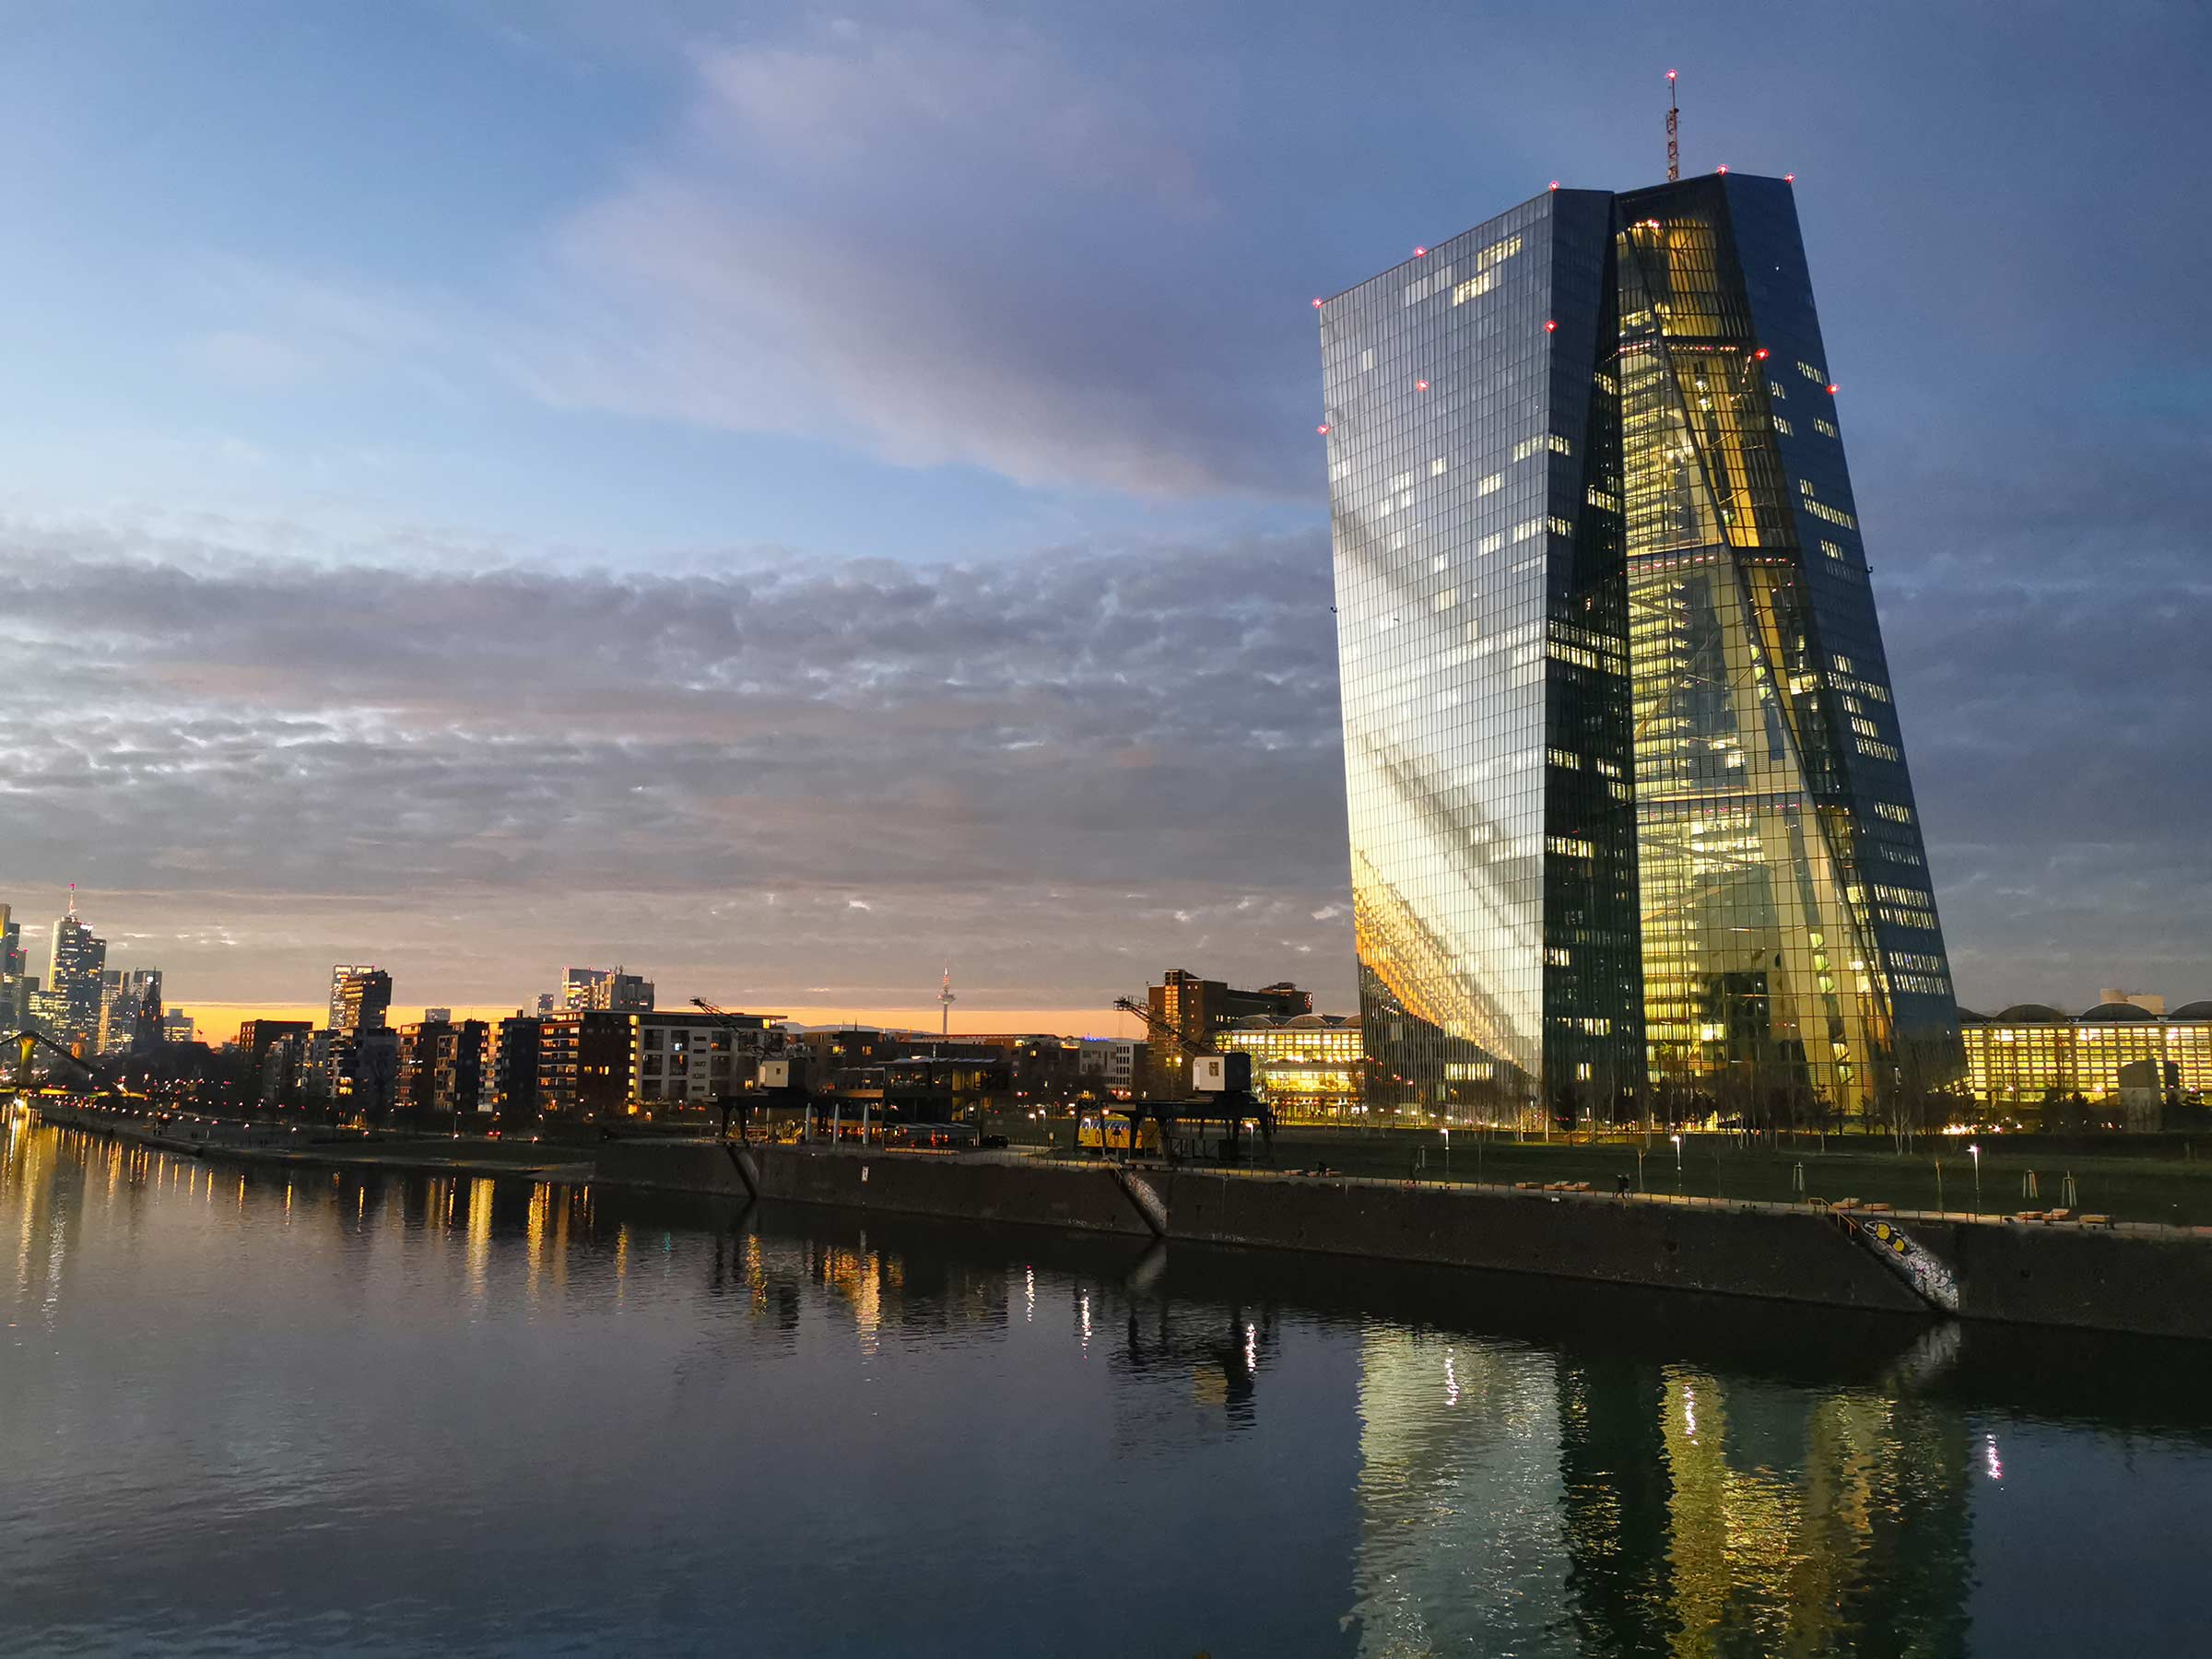 EZB Frankfurt Zentrale bei Nacht - im Hintergrund die Skyline von Frankfurt am Main mit ihren Bankentürmen - Panorama Frankfurt